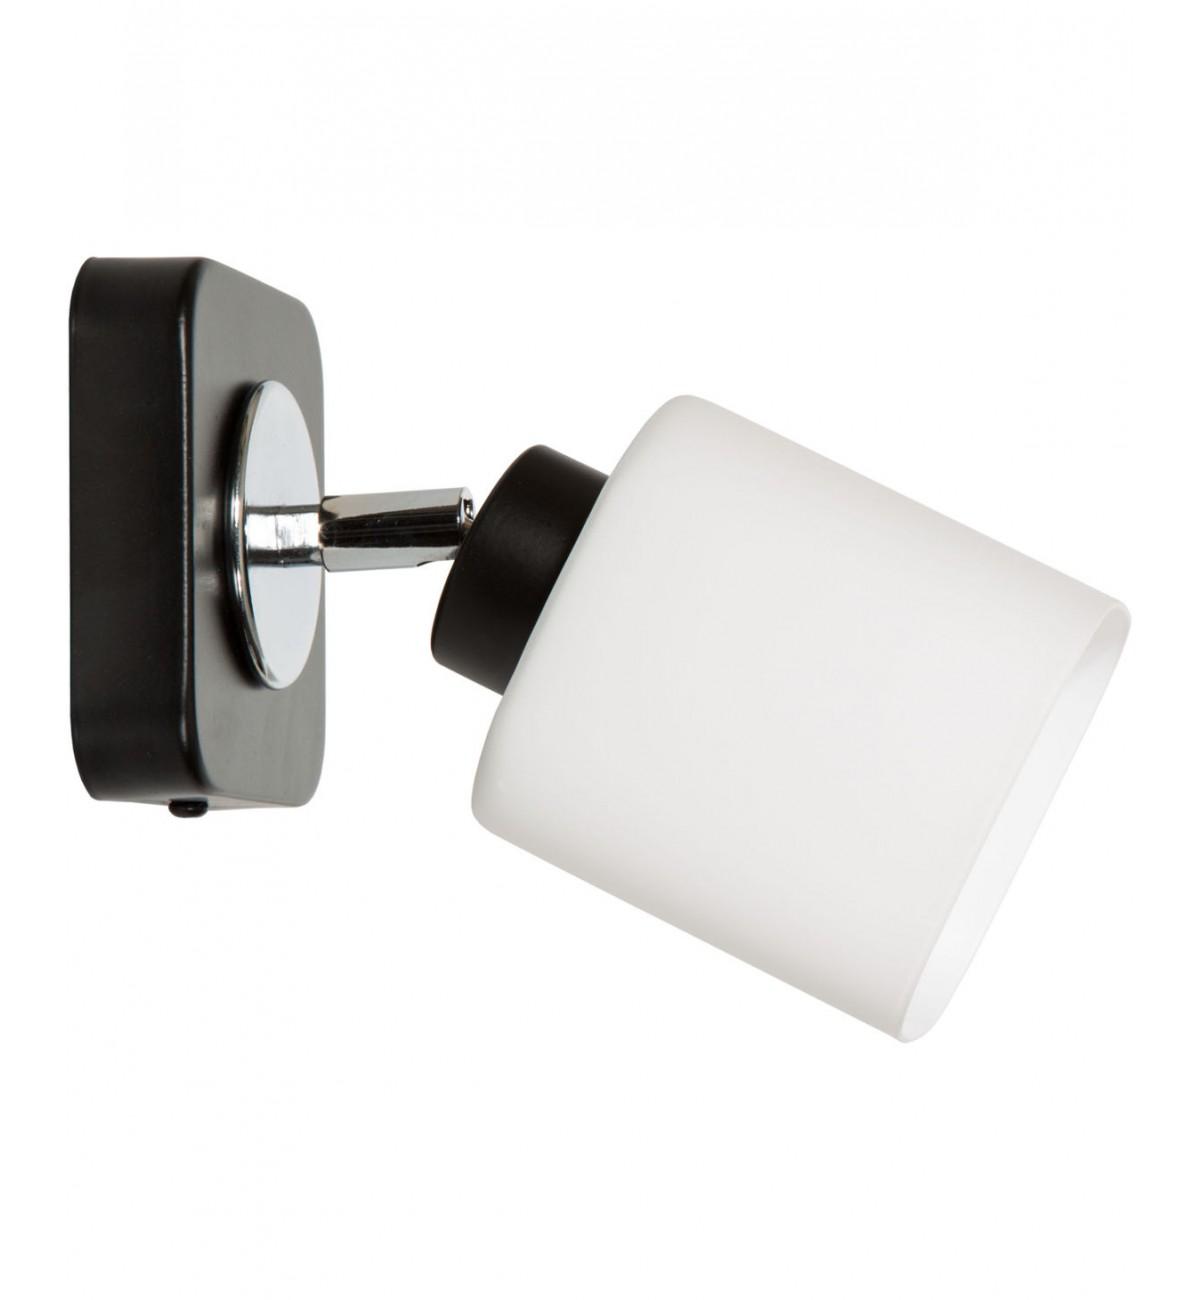 kinkiet seria 012 lampa wiszaca sufitowa nowoczesna czarny bialy Kinkiet Przegub Czarny Biały